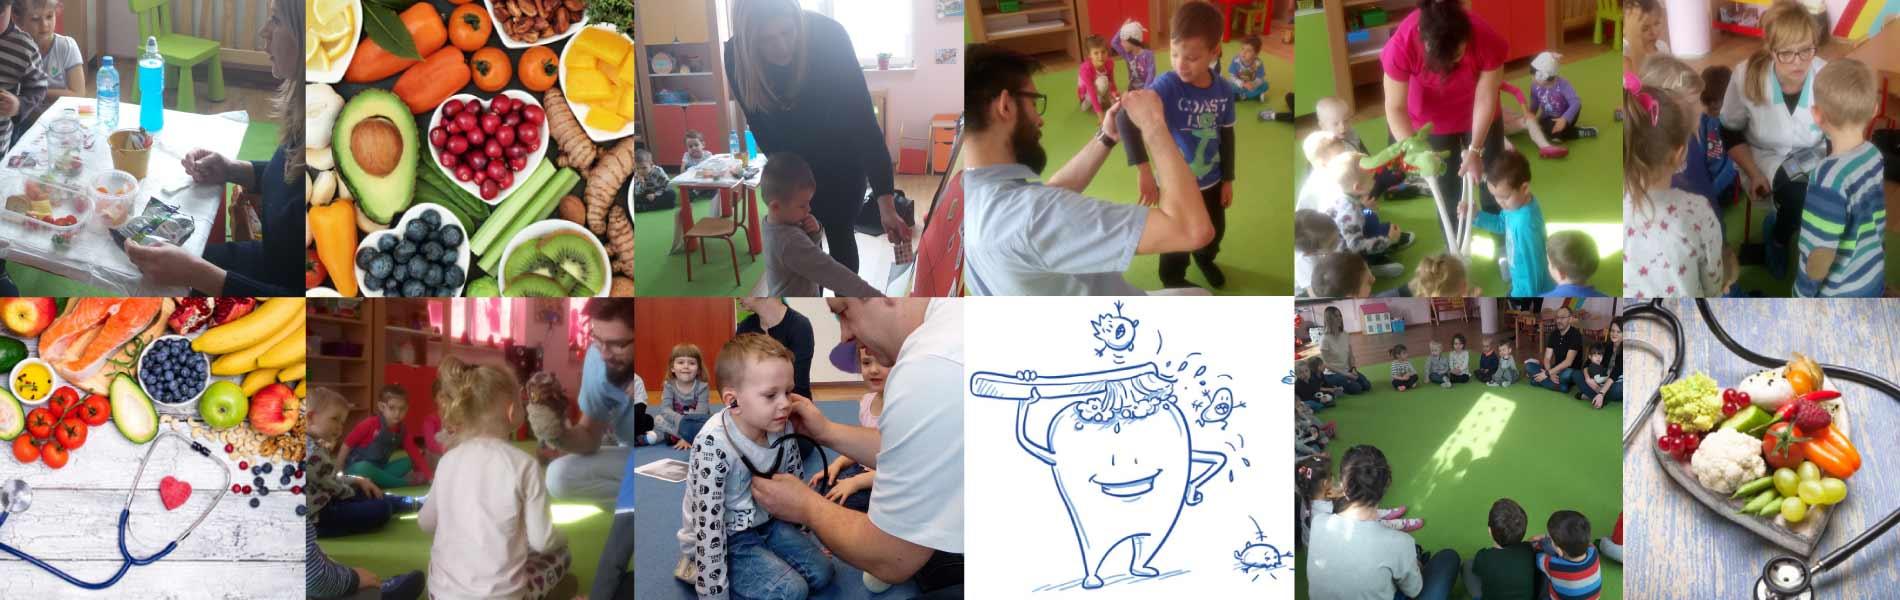 zdrowie, przedszkole Casper, Łęczna, Lubartów, zdrowe przedszkole w łęcznej